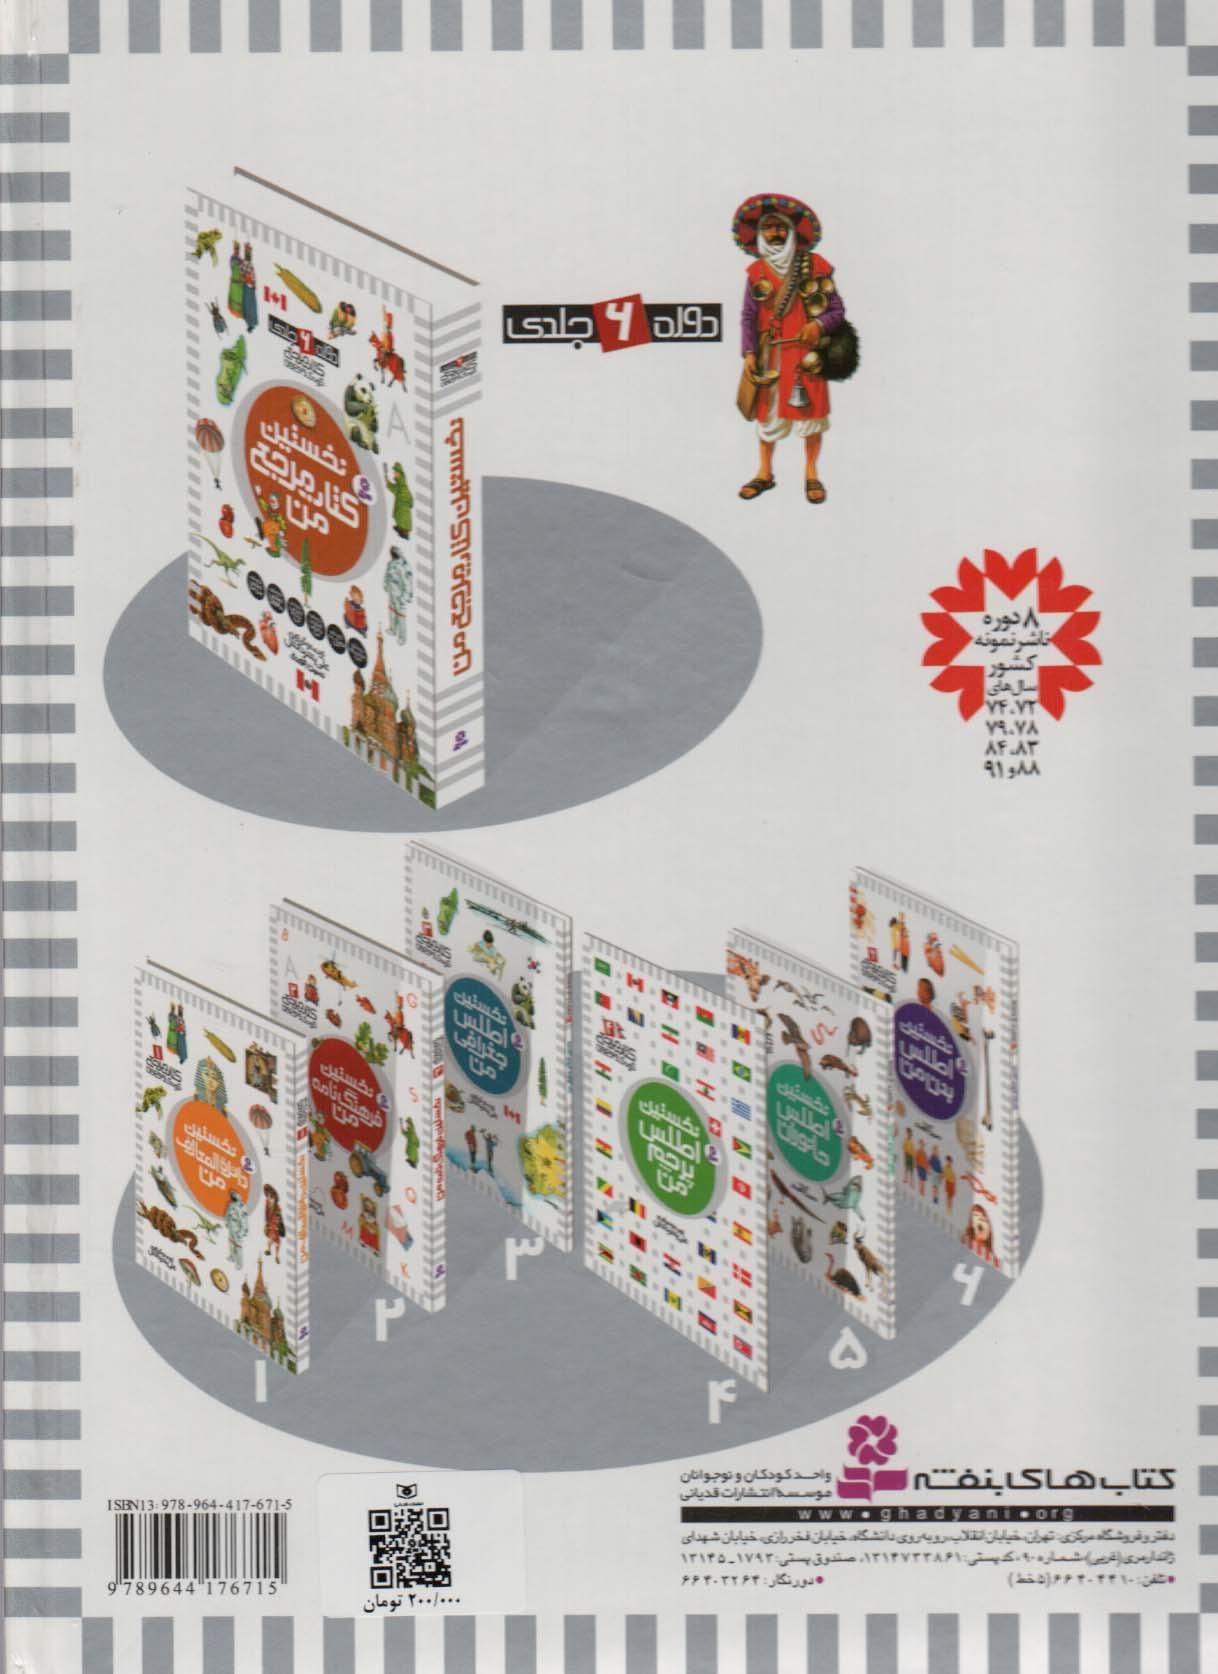 کتاب مرجع کودک و نوجوان 2 (نخستین فرهنگ نامه من)،(2زبانه،گلاسه)